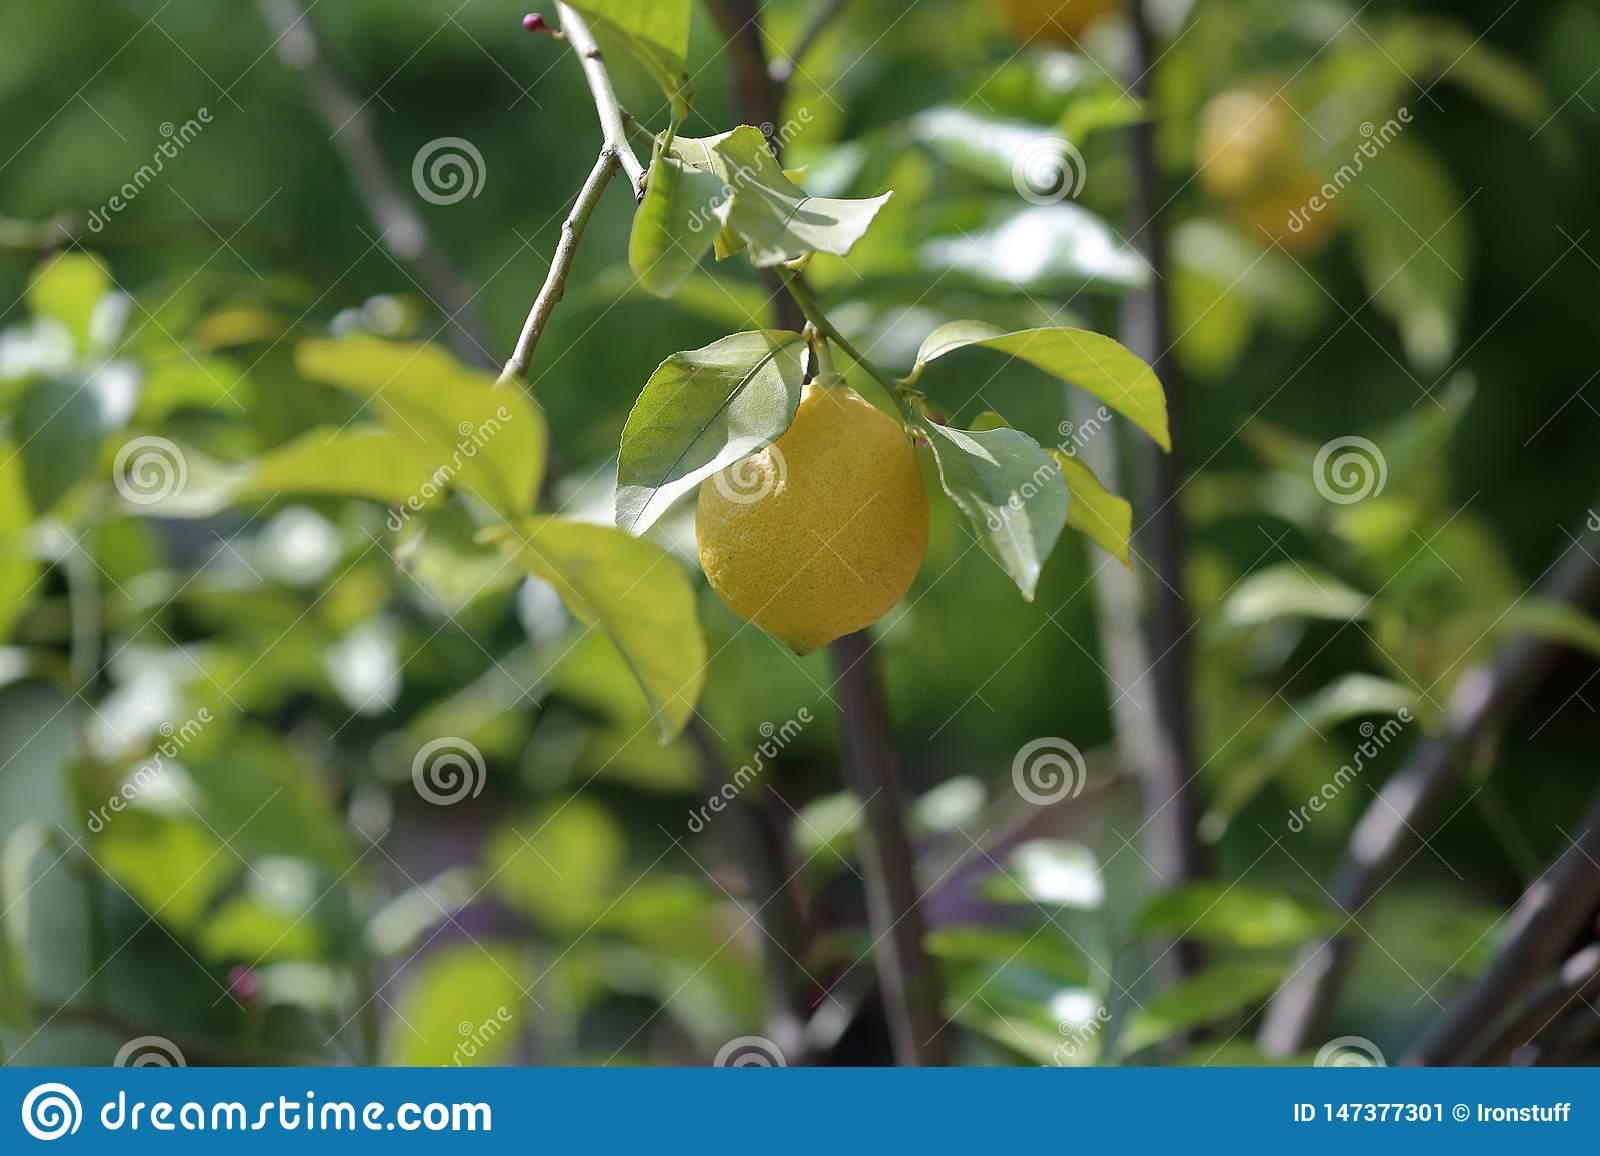 Лимон дикий: состав, калорийность, польза, рецепты